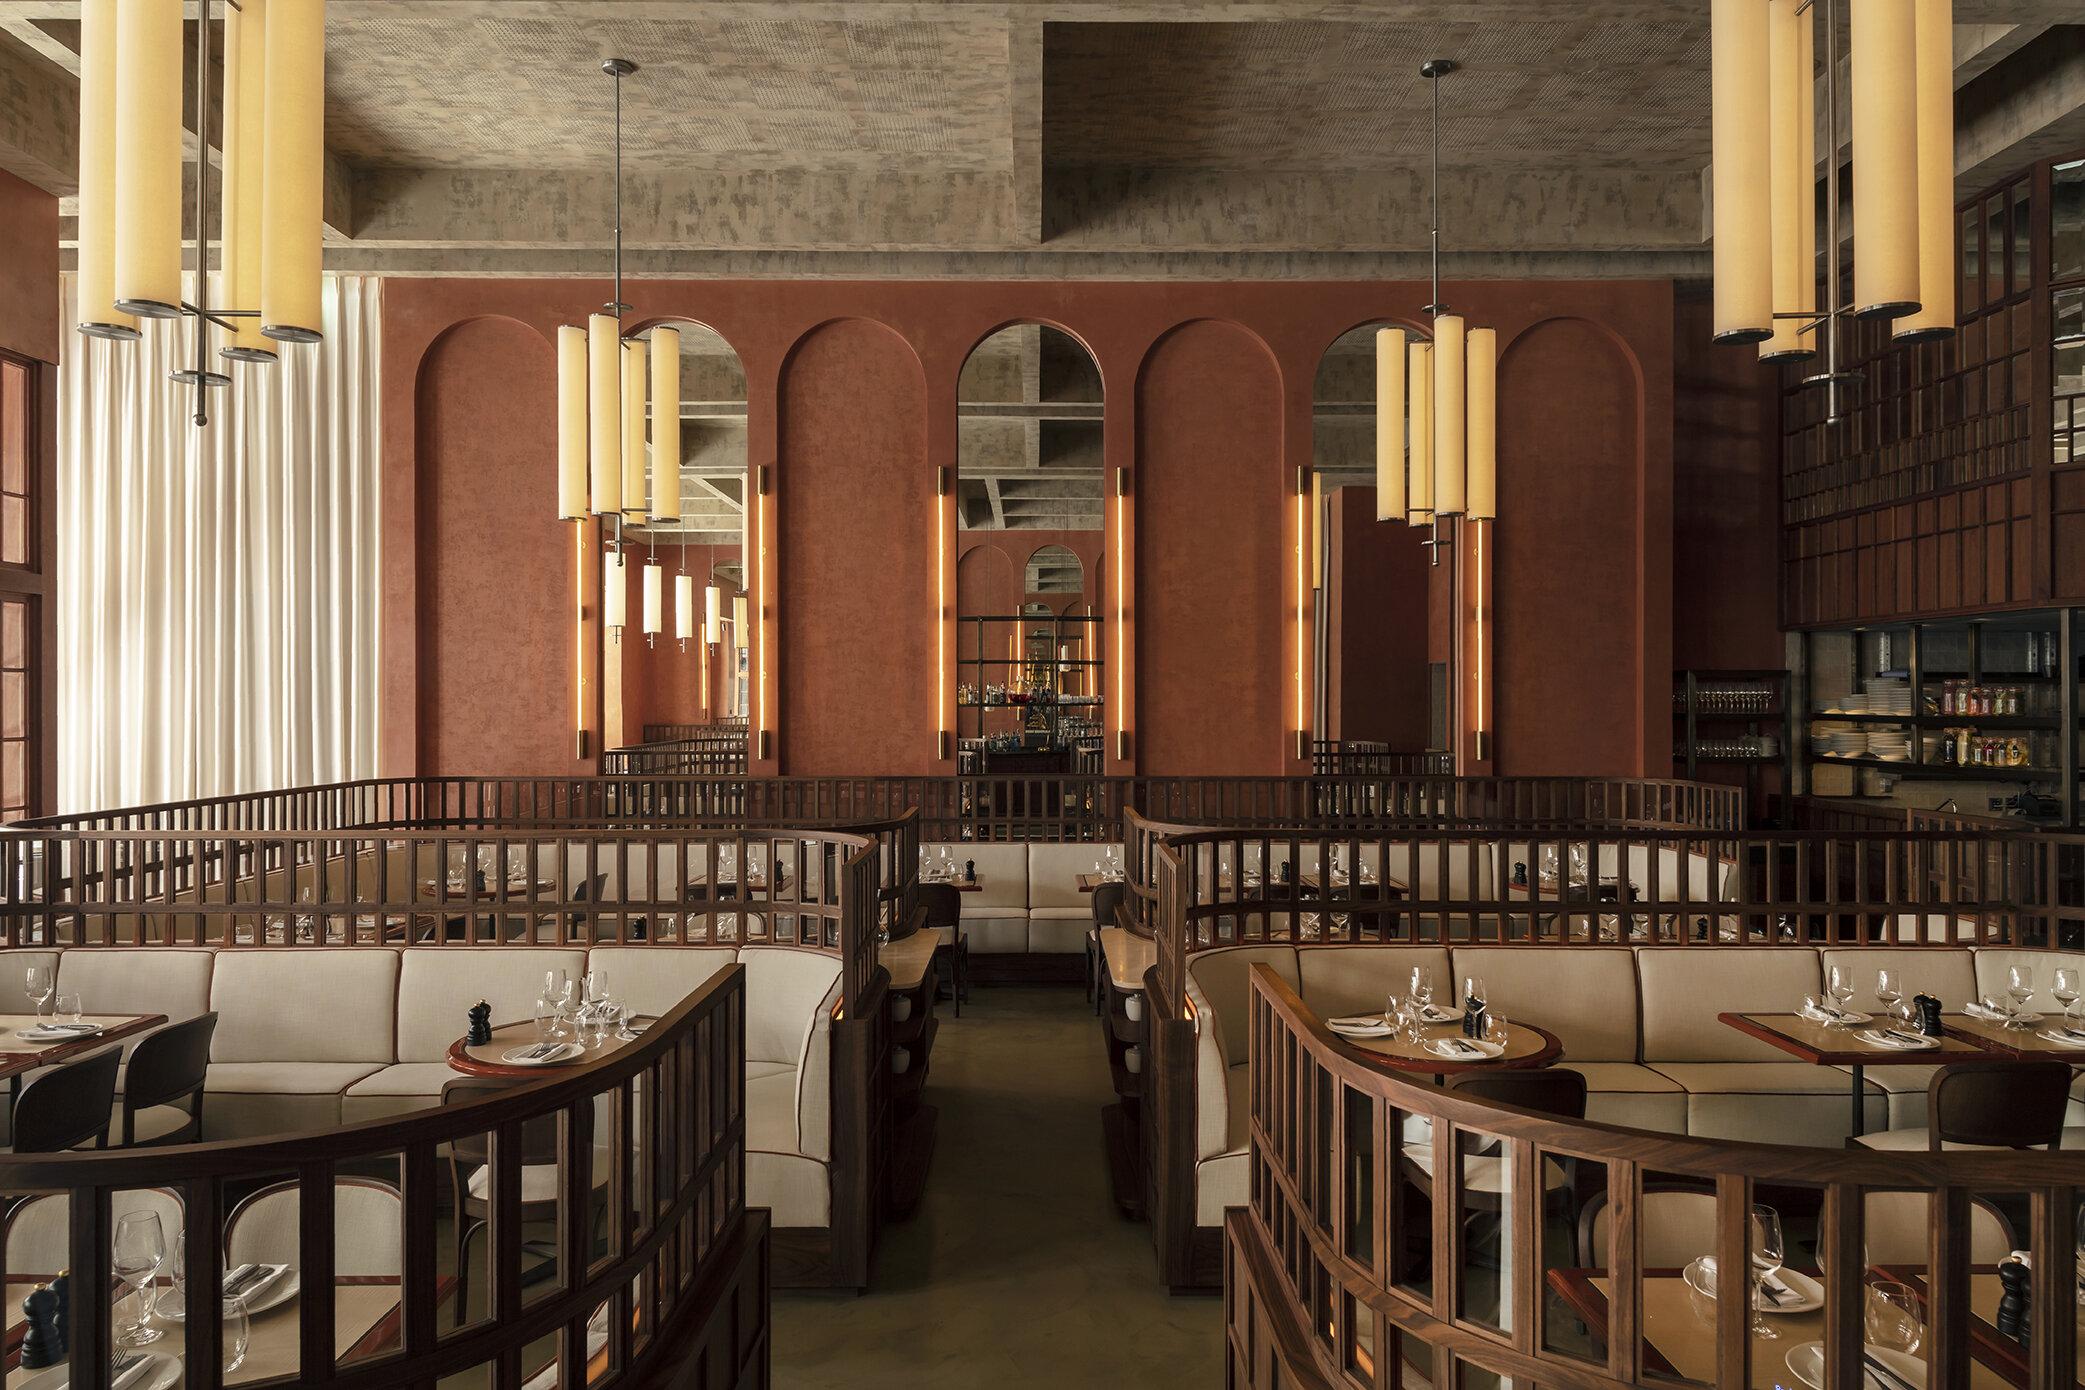 Maison François Brasserie London, The Guild Of Saint Luke / John Whelan | Yellowtrace